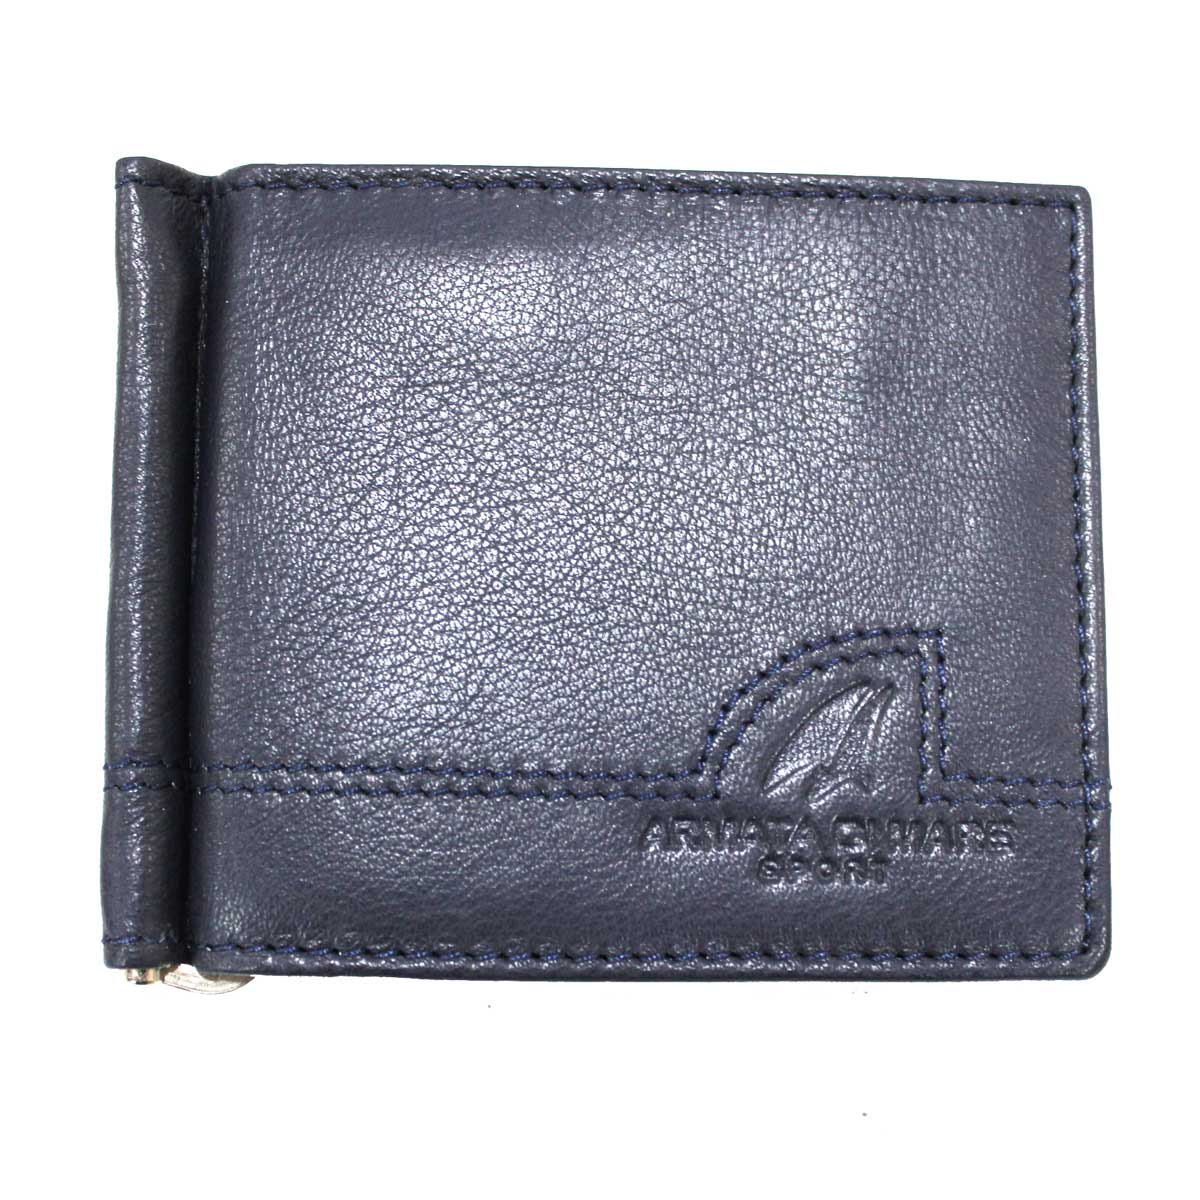 Portafoglio uomo in pelle con ferretto portamonete porta carte credito  11823 blu